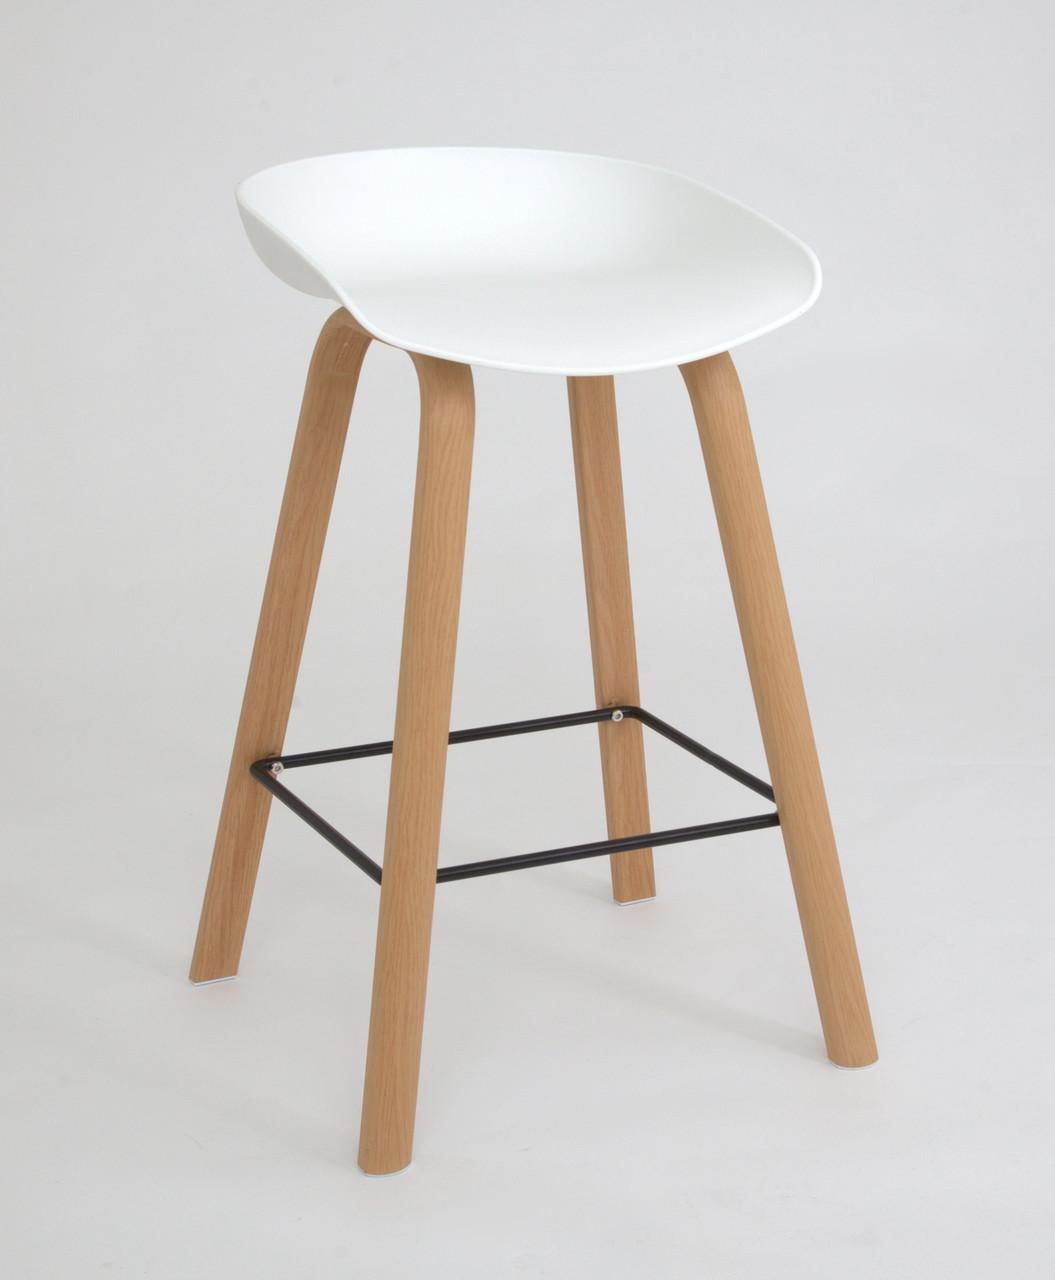 Барний стілець з пластиковим сидінням та ніжками під дерево